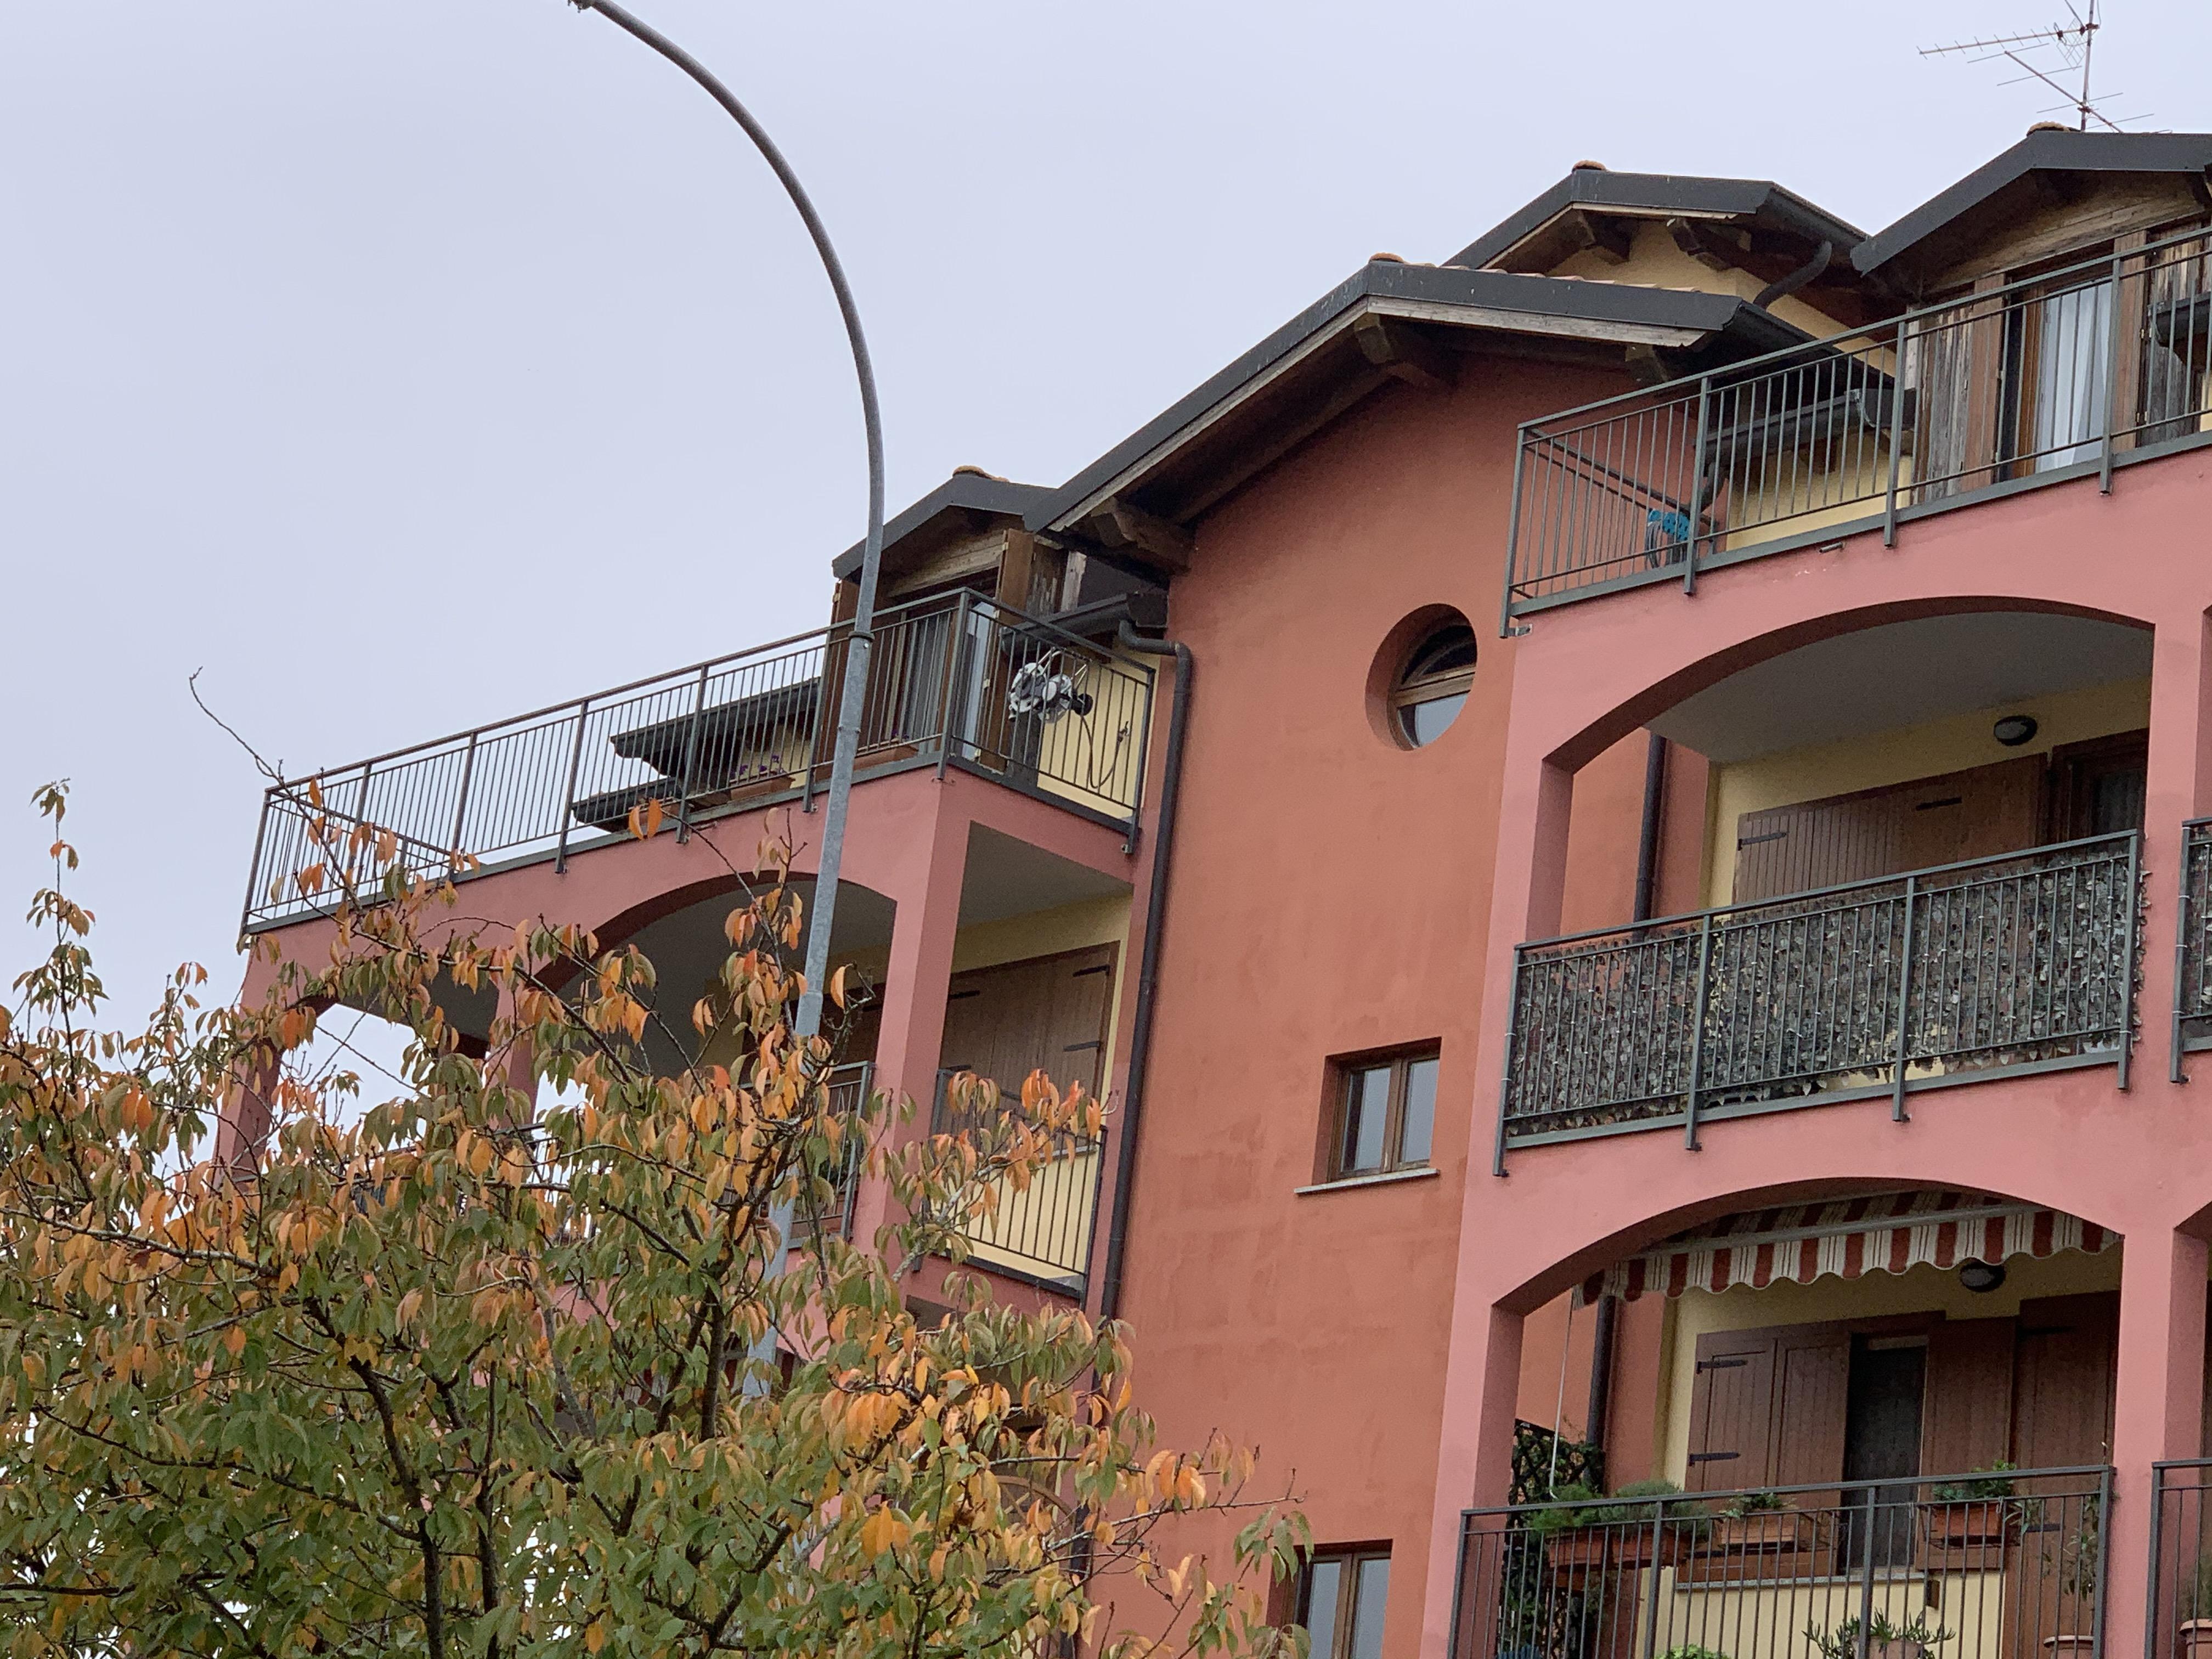 APPARTAMENTO TRILOCALE  ZONA GAGGIANO – Via Mattei – Rif. Agenzia 8020F